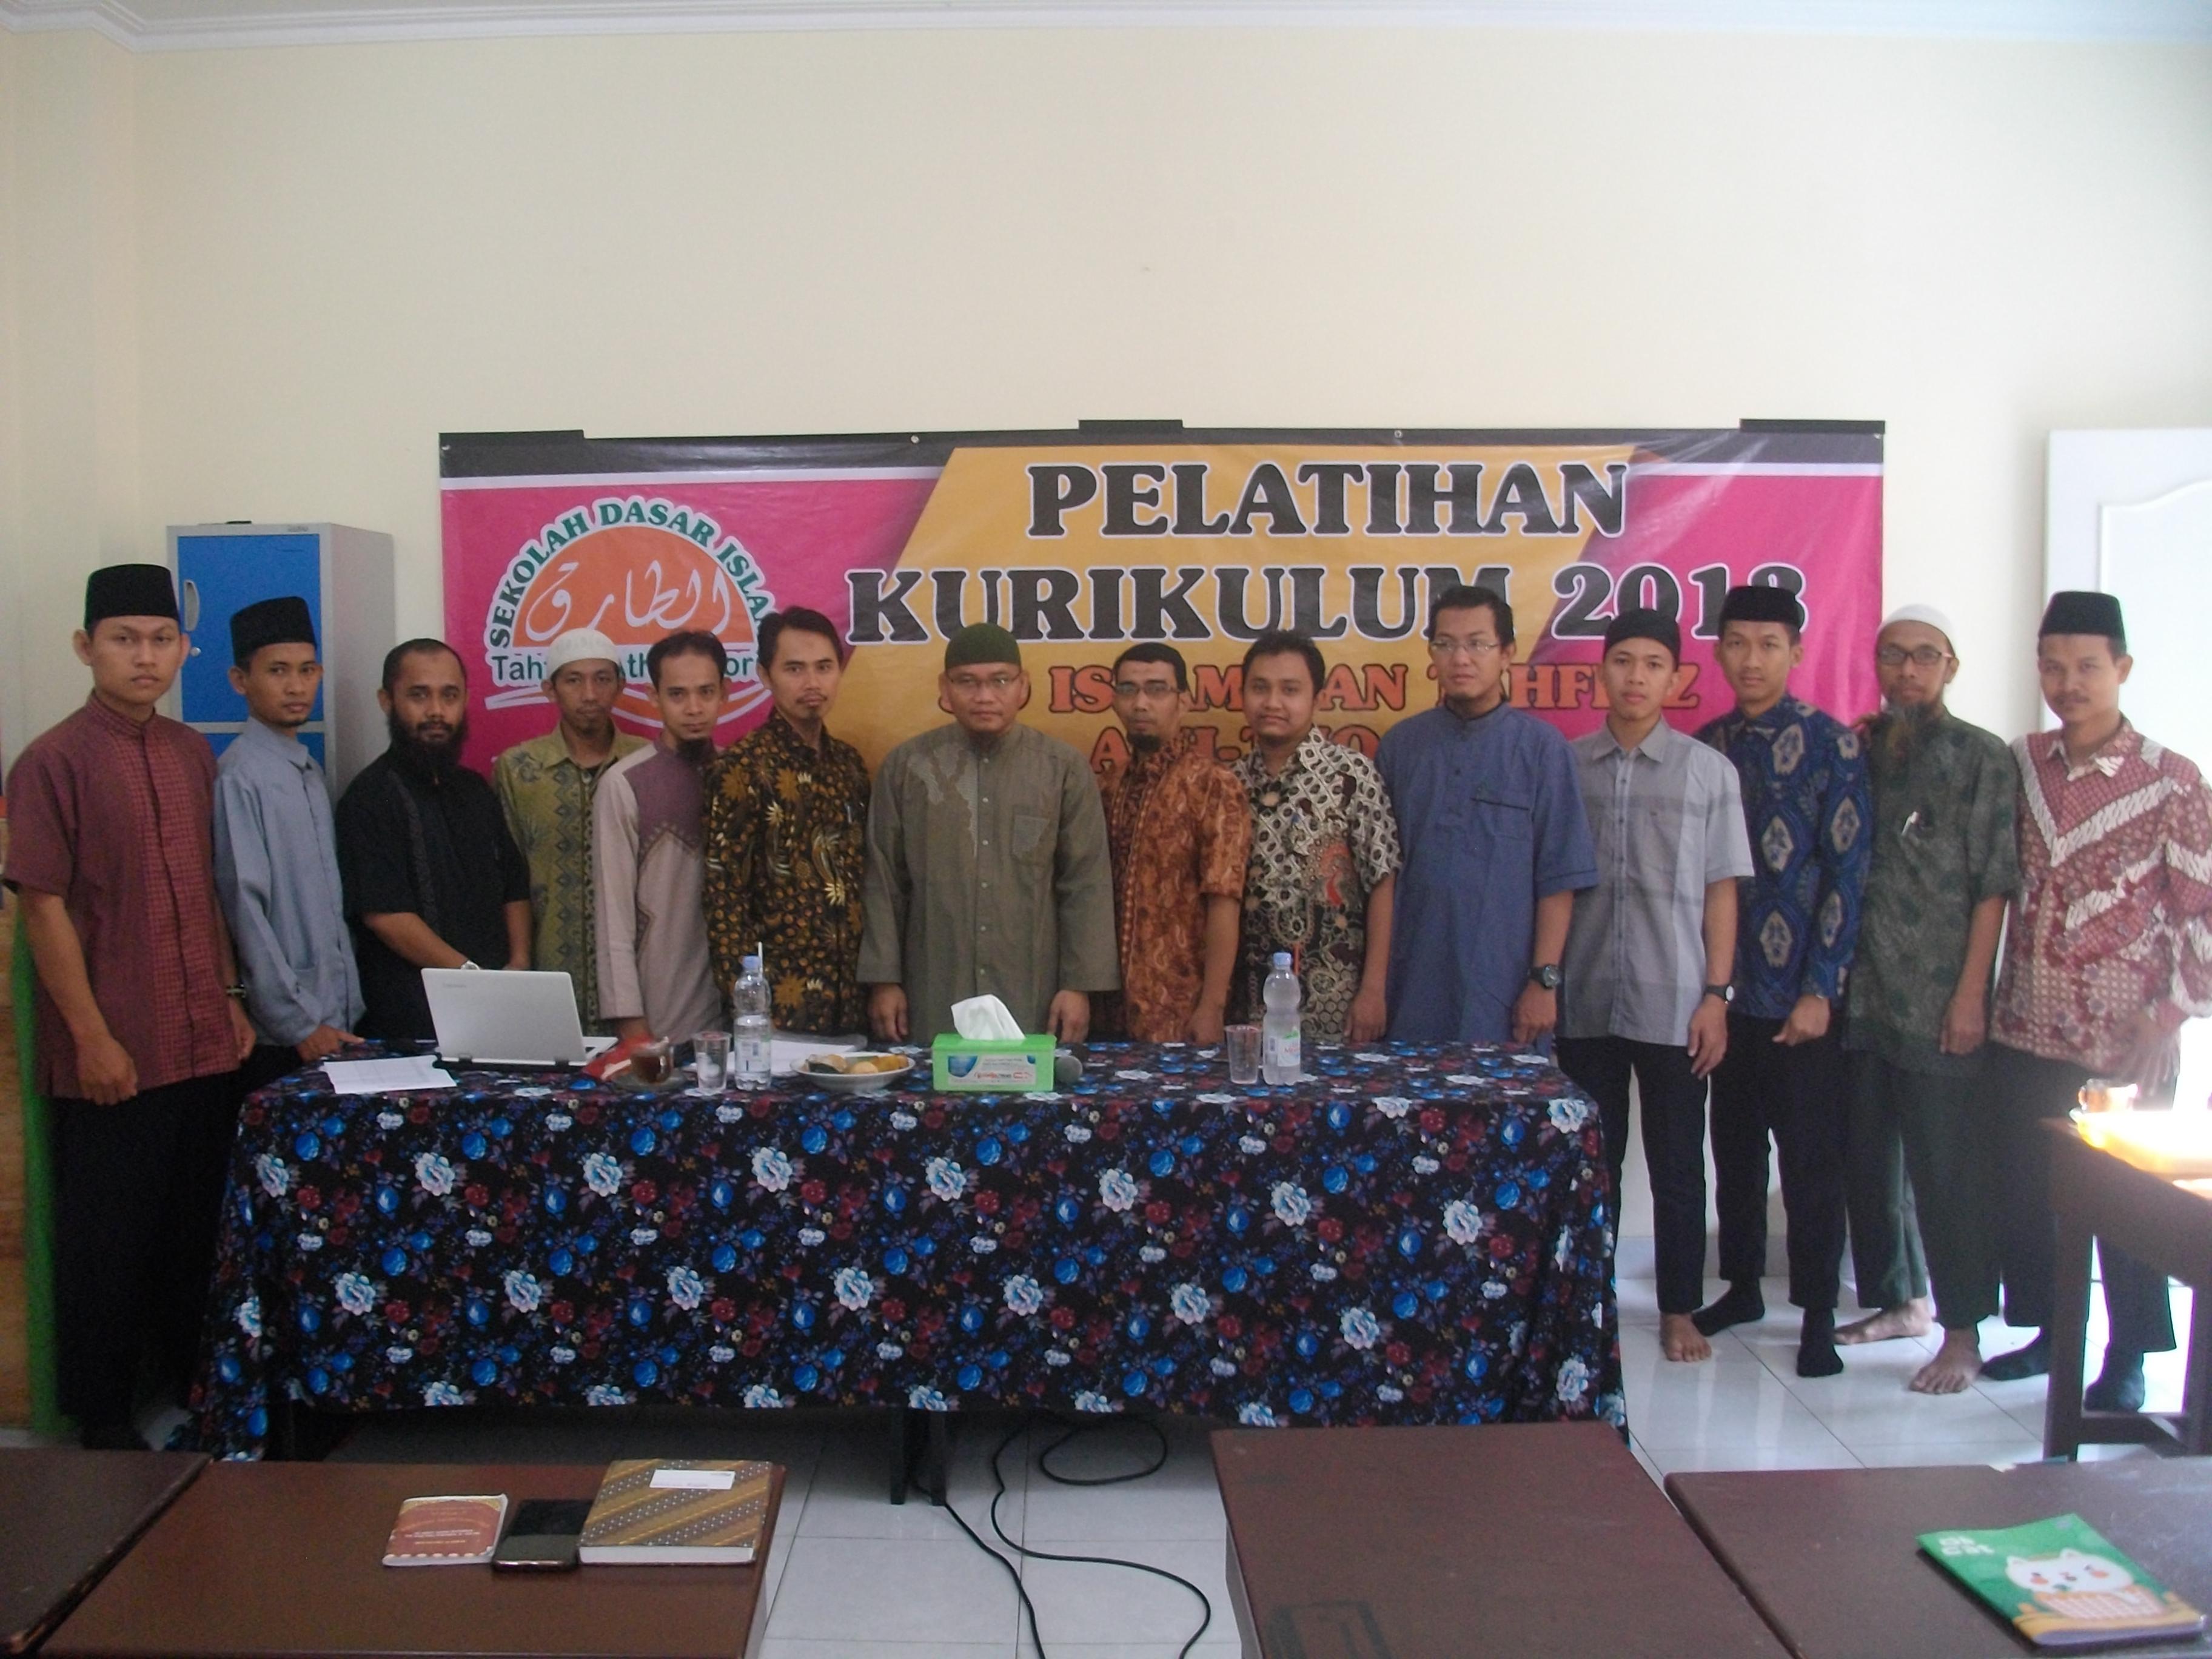 Pelatihan Kurikulum 2013